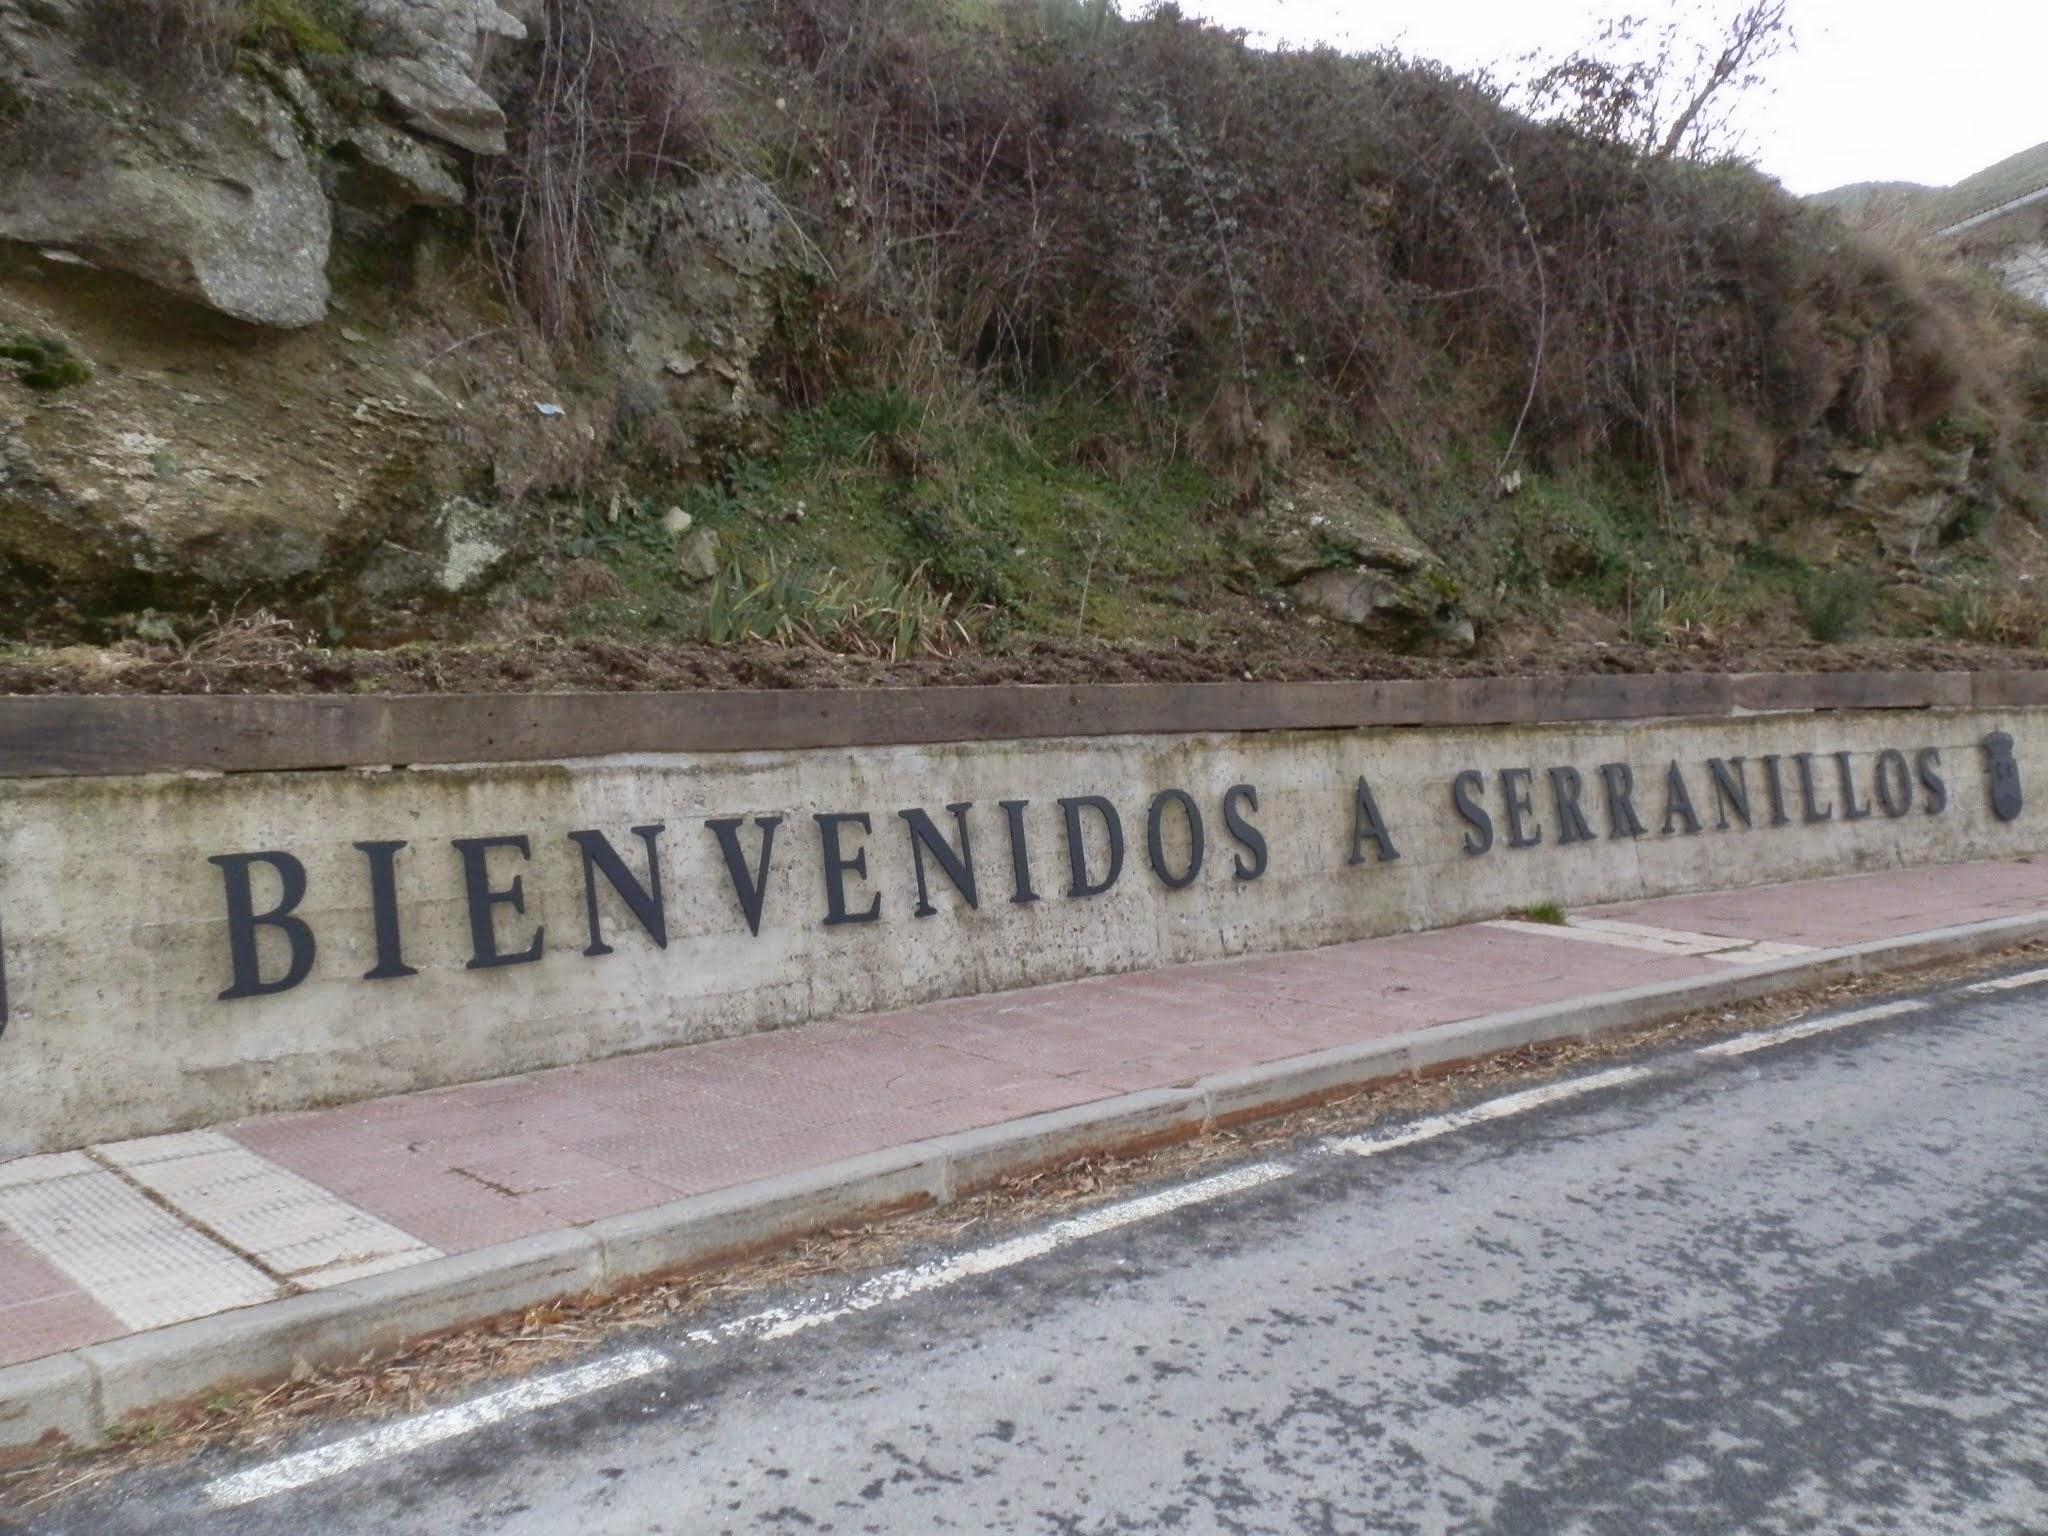 Serranillos